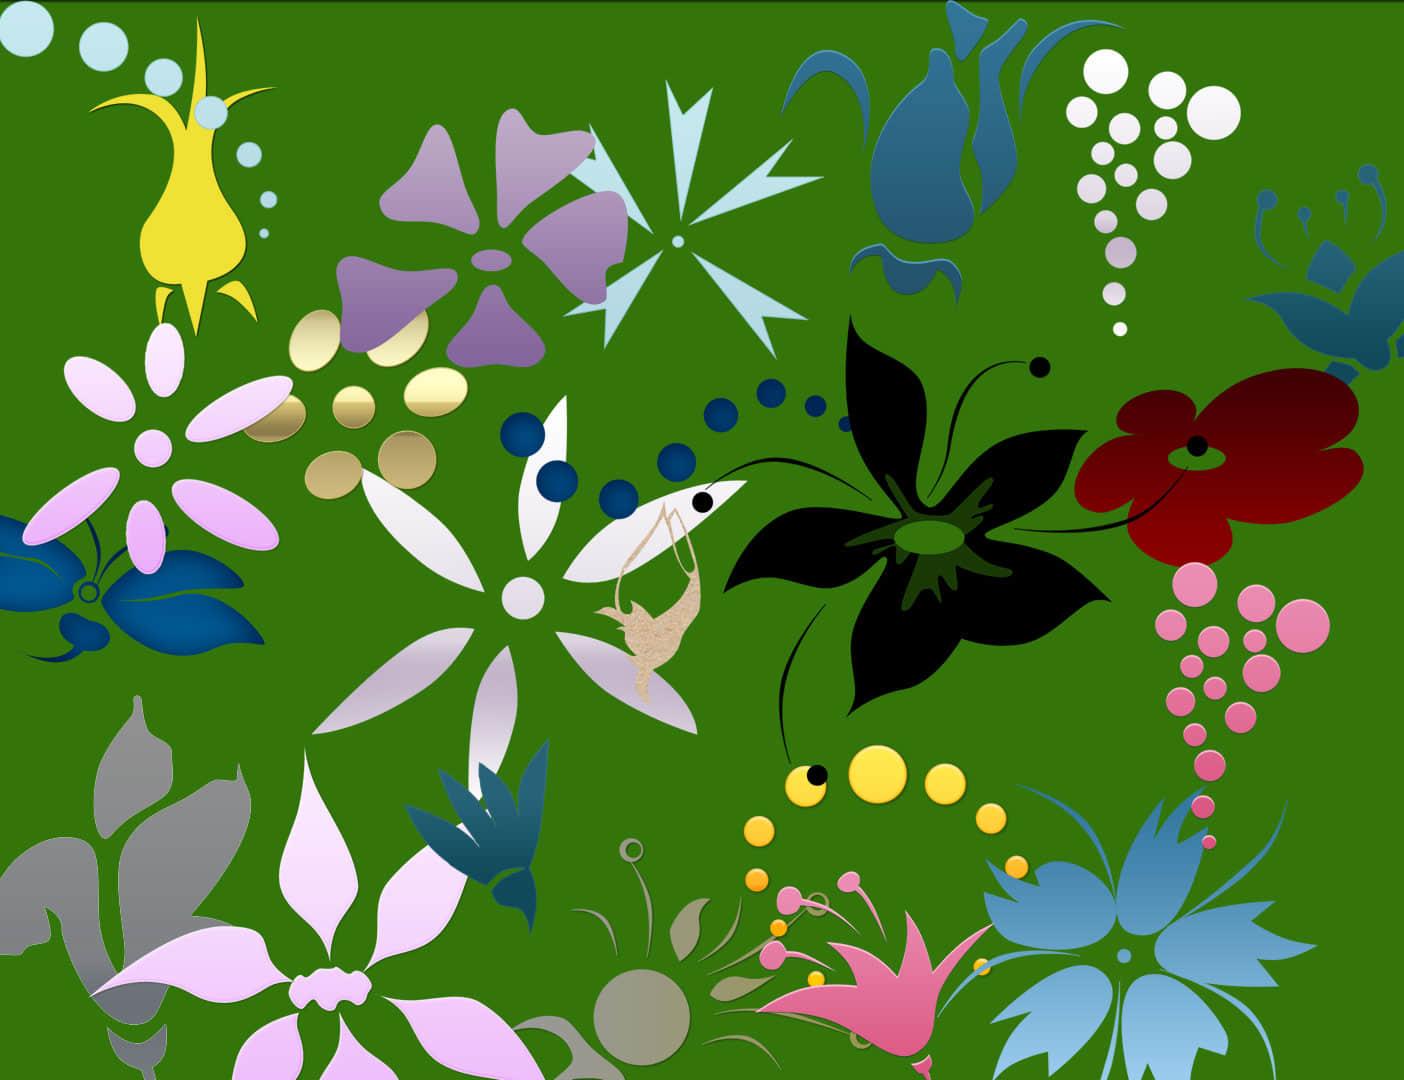 简单各式花纹图案Photoshop笔刷下载 鲜花图案笔刷 花纹笔刷  flowers brushes